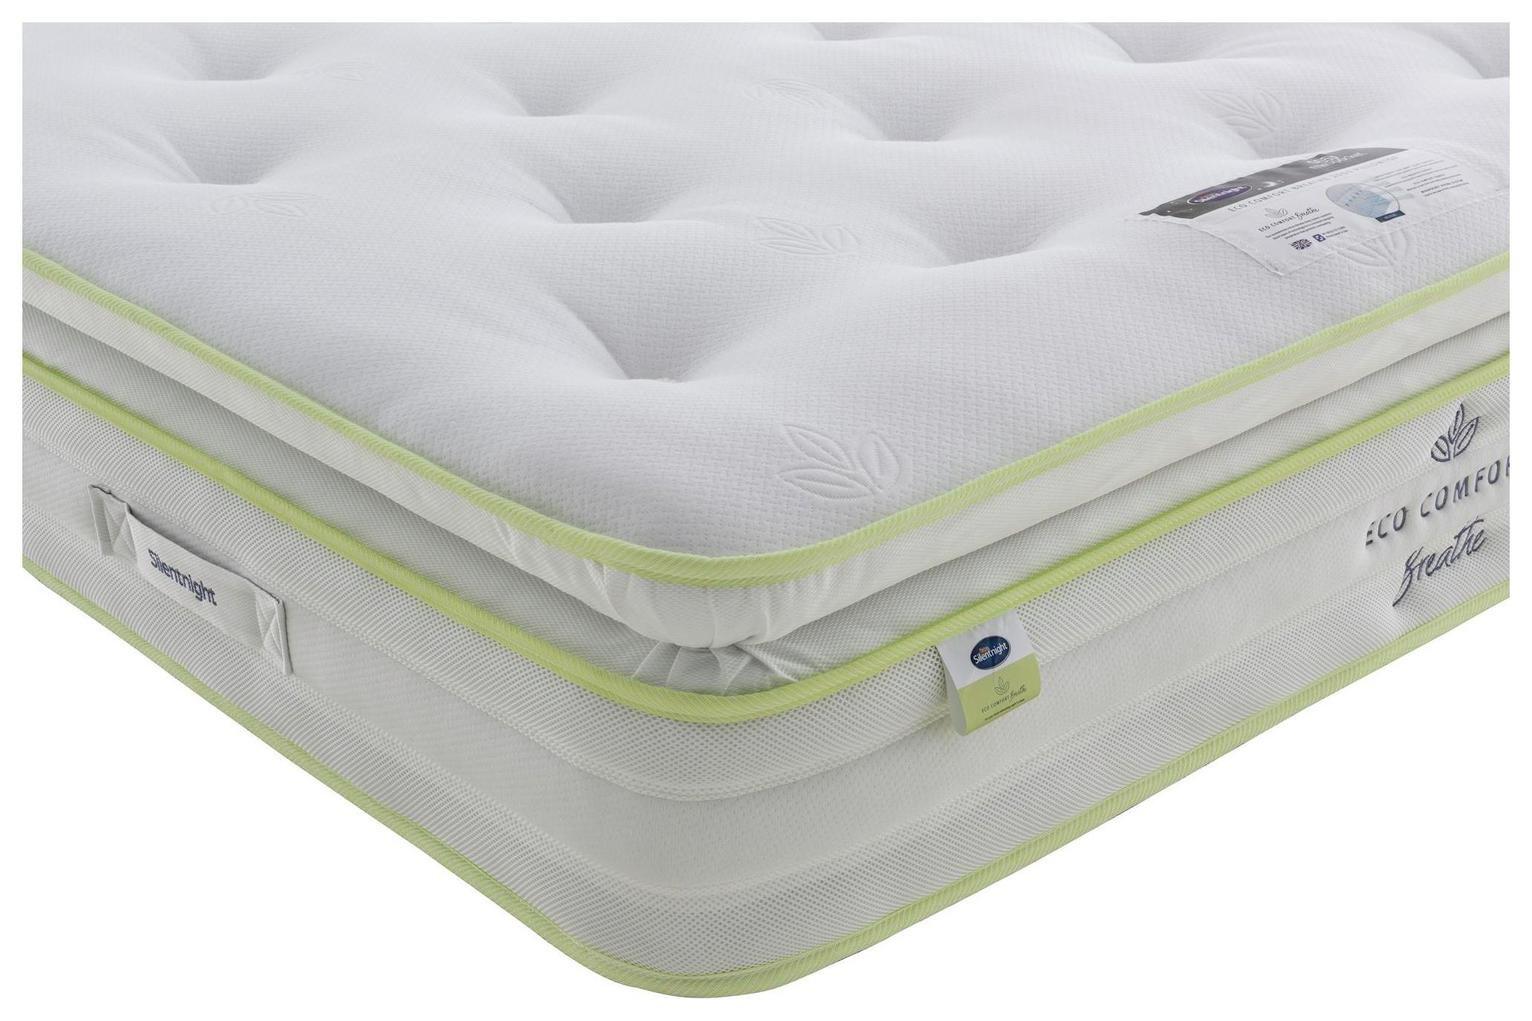 Silentnight Eco Breathe 2000 Pillowtop Superking Mattress